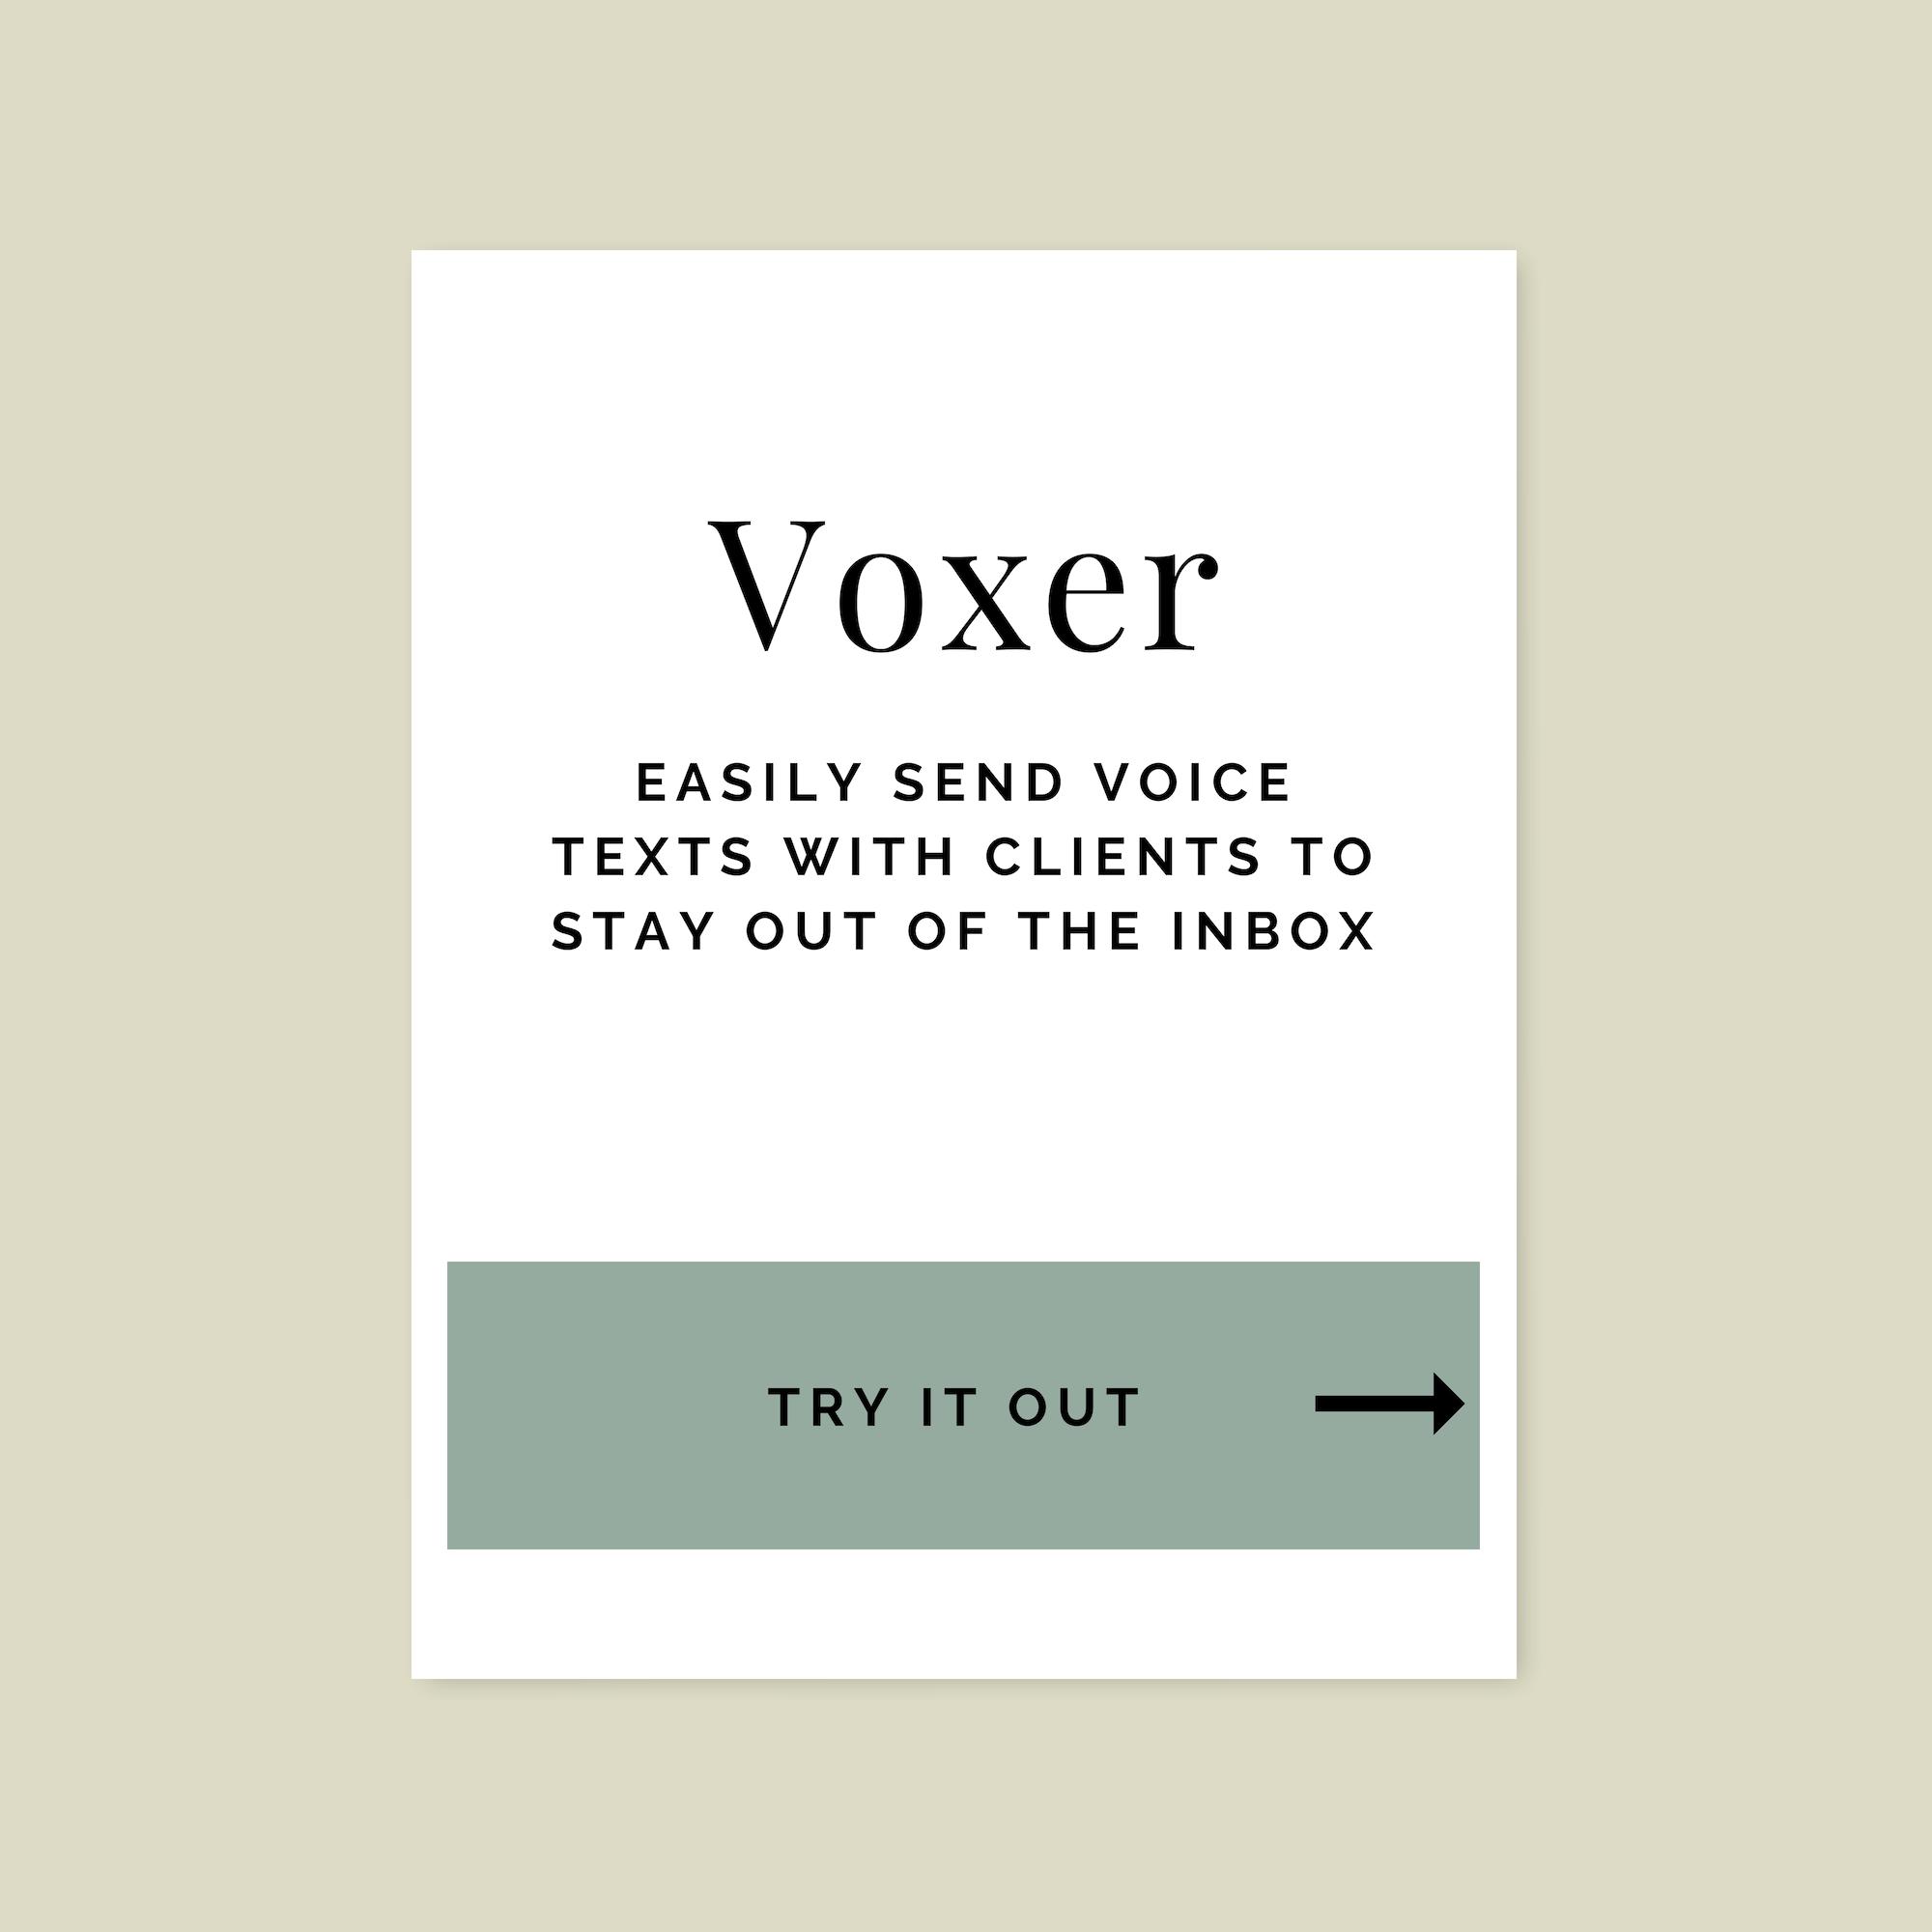 https://www.voxer.com/